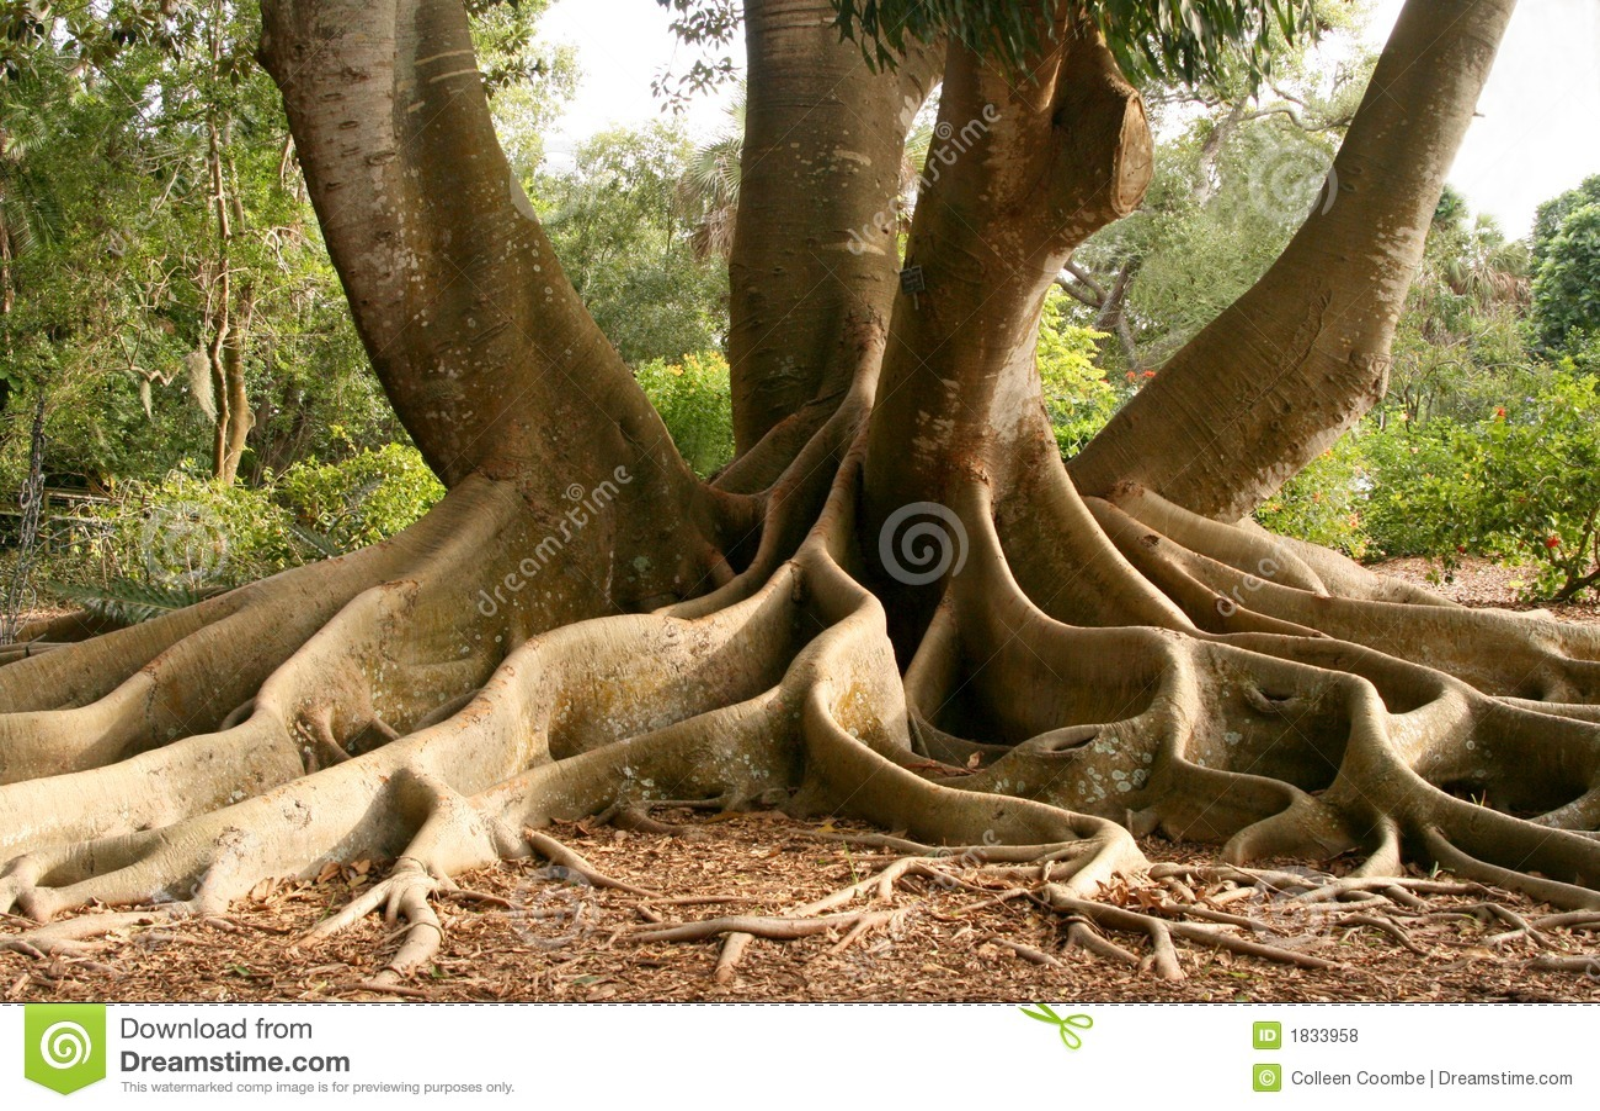 Raizes da árvore de figo do louro